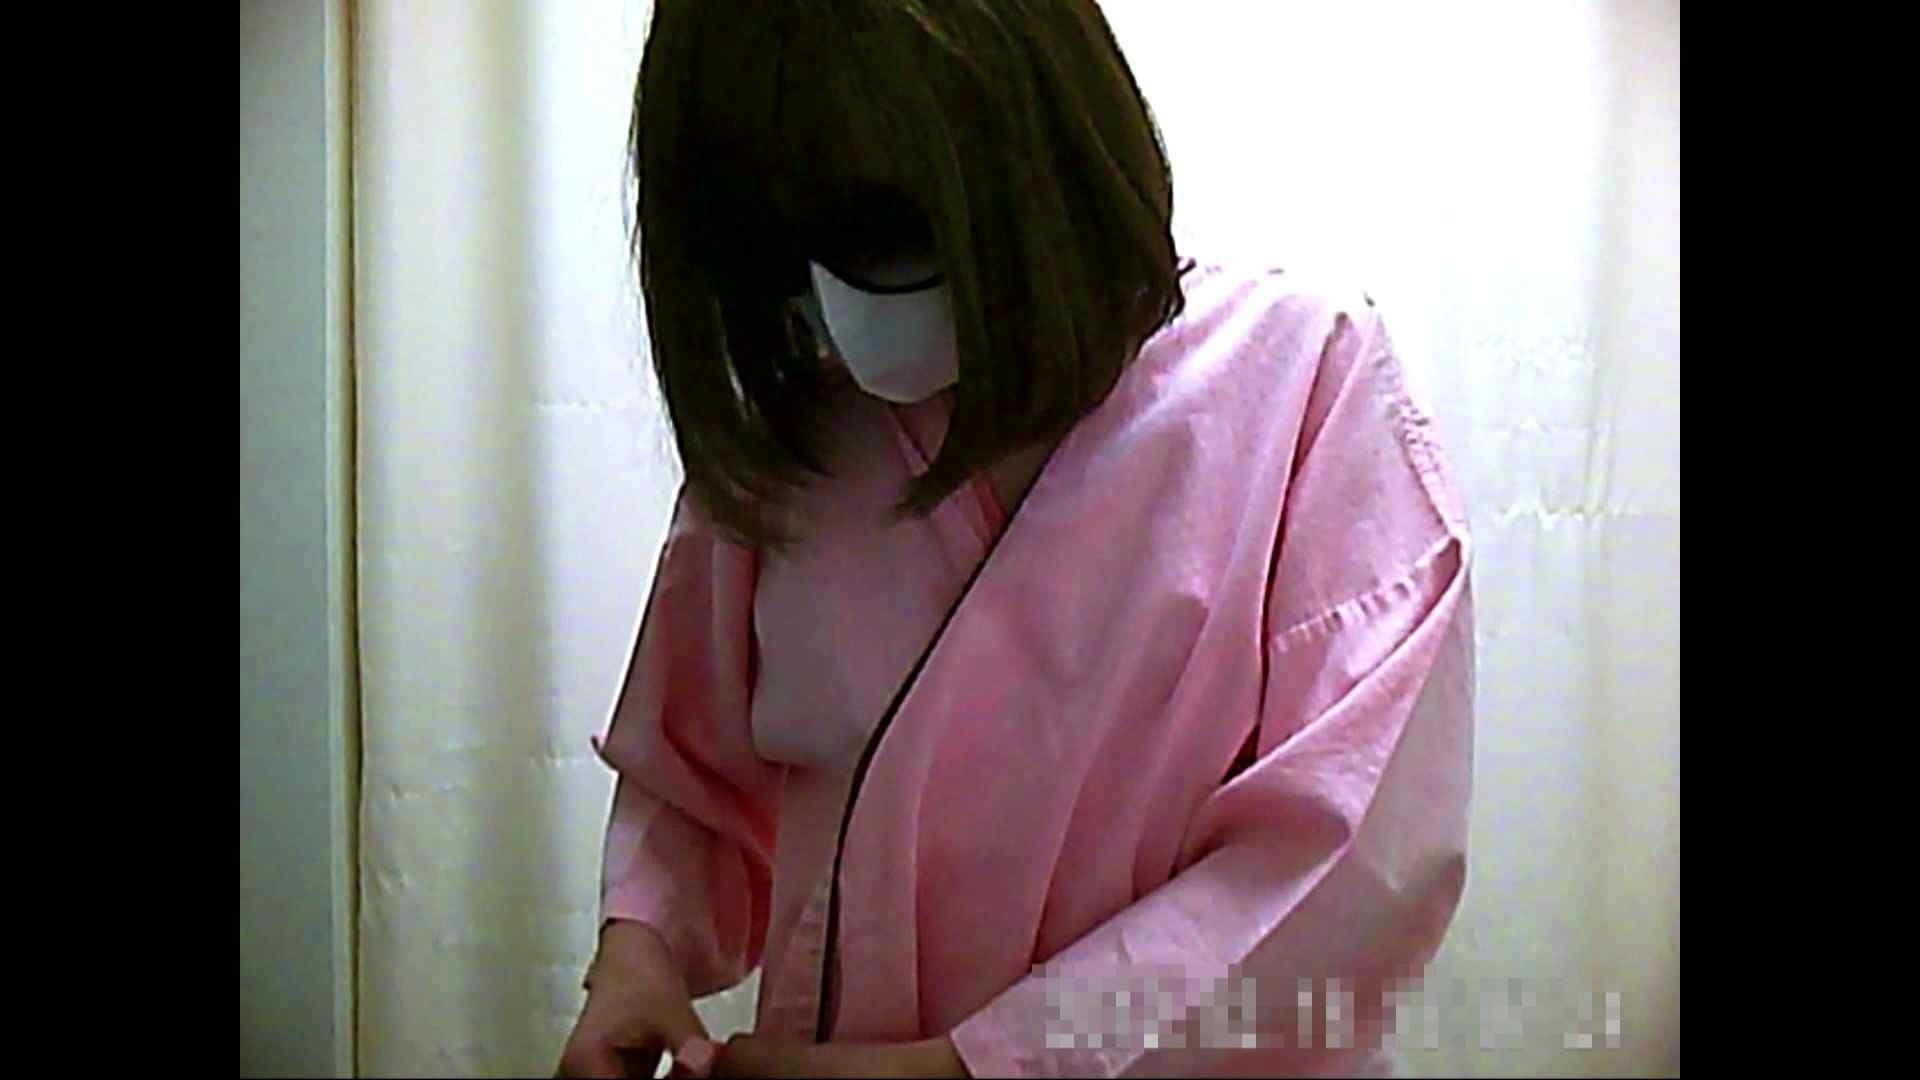 元医者による反抗 更衣室地獄絵巻 vol.271 OLハメ撮り  97Pix 32